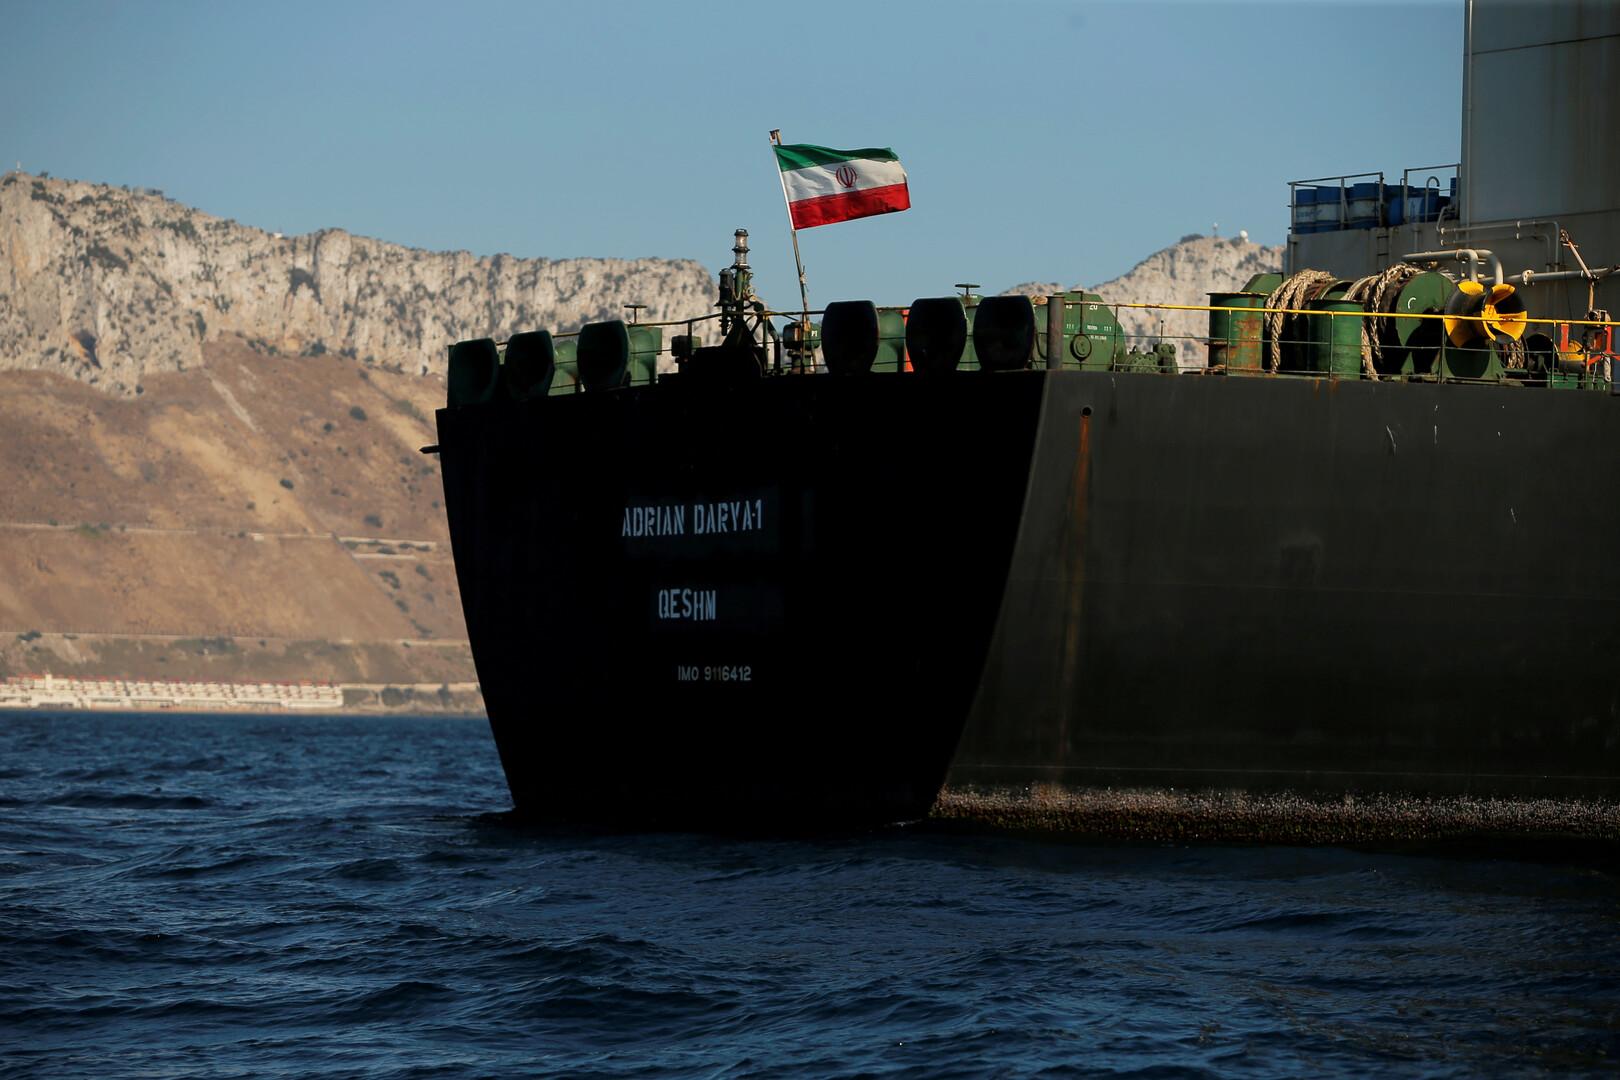 بريطانيا تستدعي سفير إيران وتتهمها بنقل نفط إلى سوريا عبر سفينة